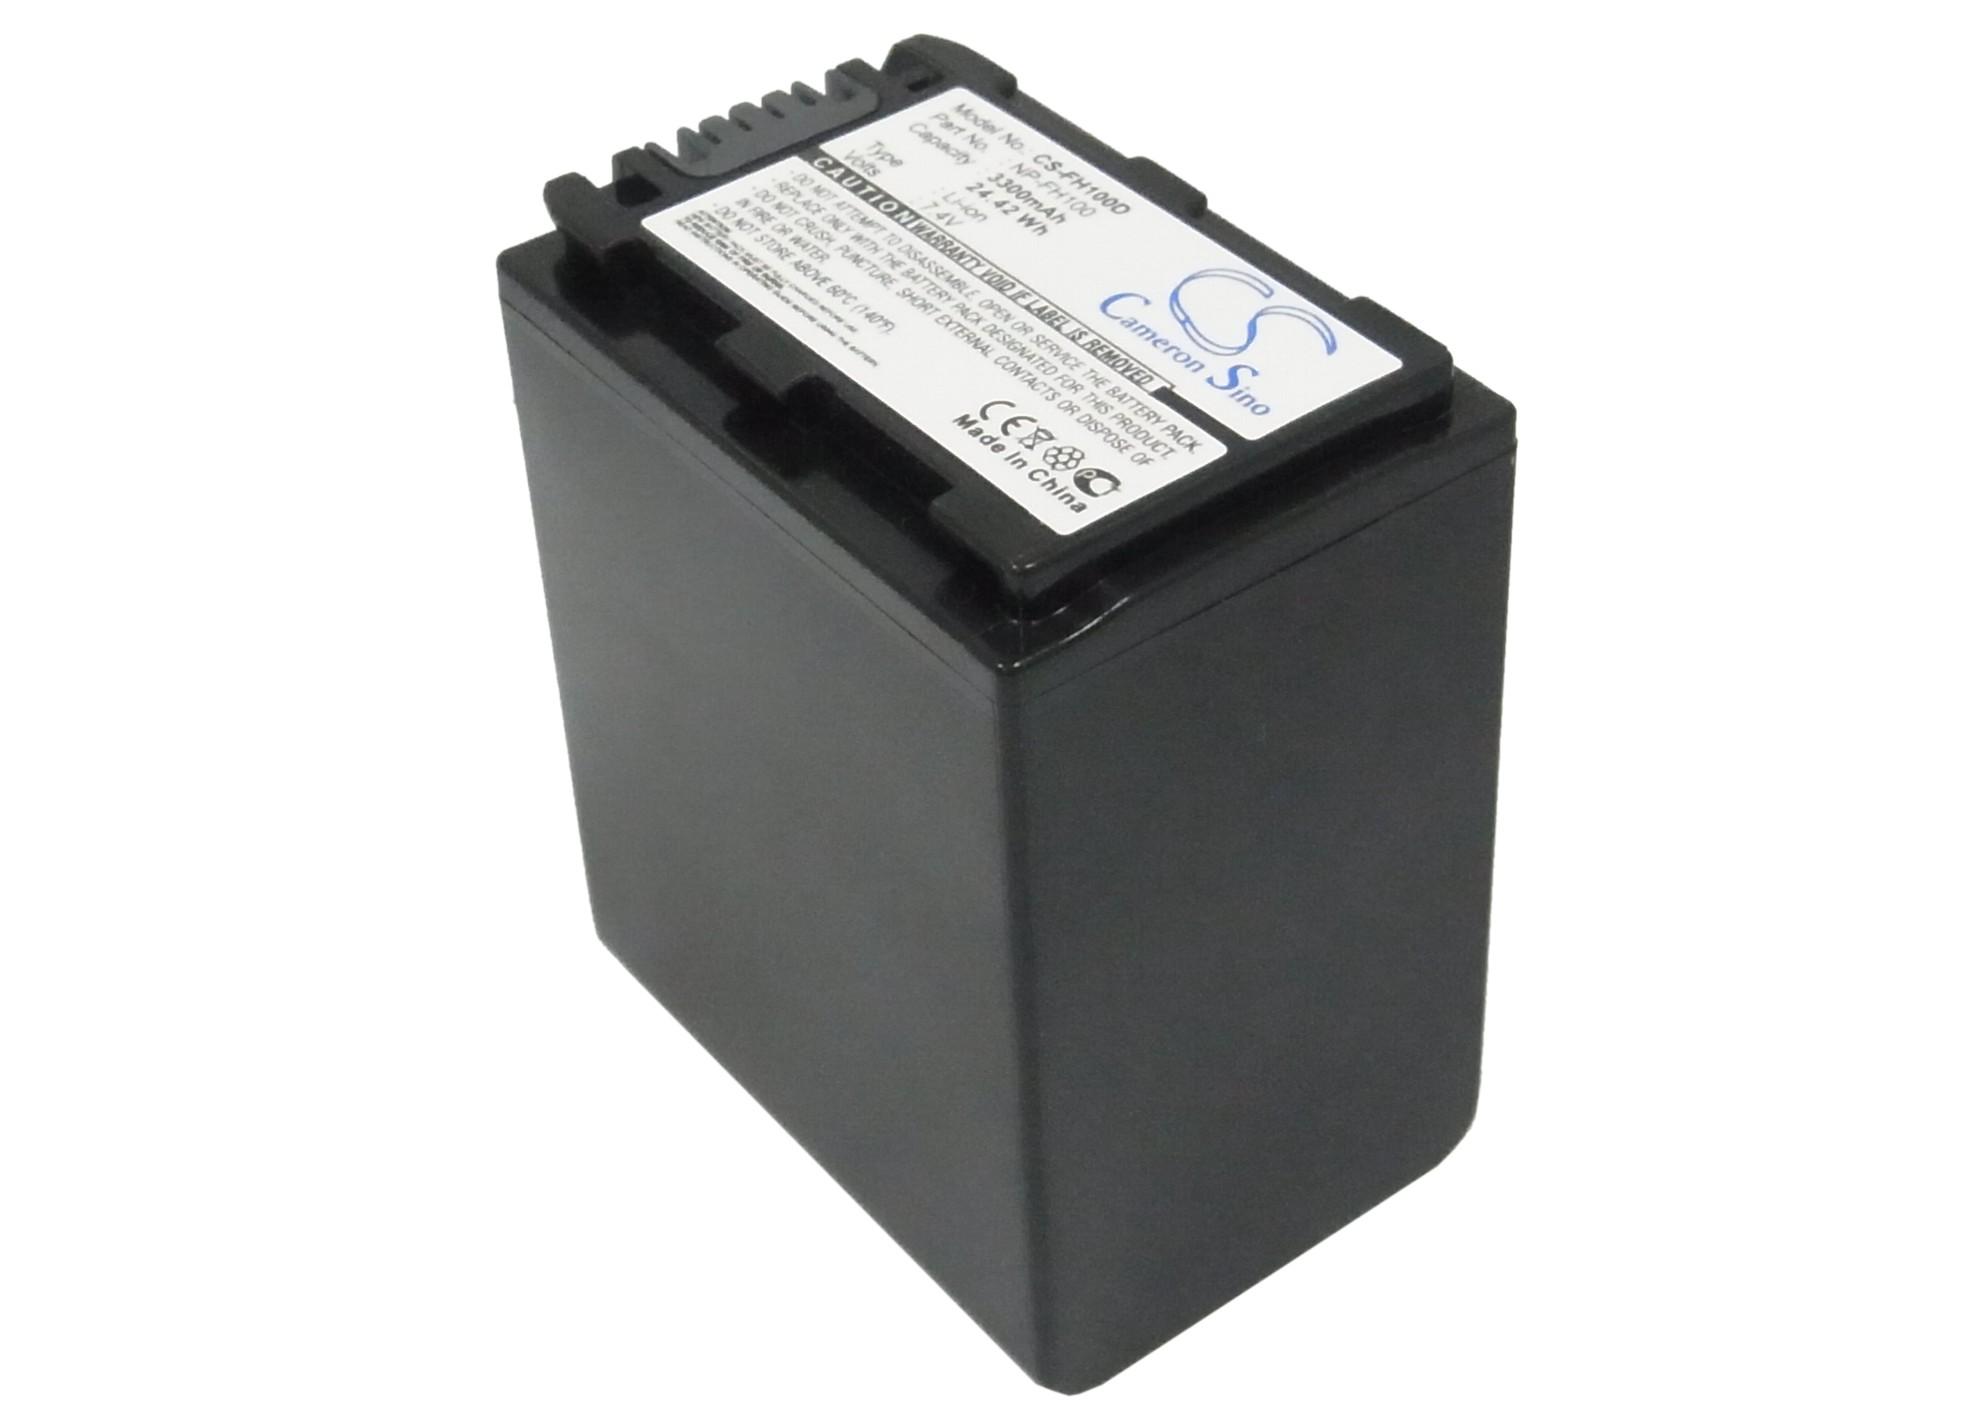 Cameron Sino baterie do kamer a fotoaparátů pro SONY DCR-HC32 7.4V Li-ion 3300mAh tmavě šedá - neoriginální